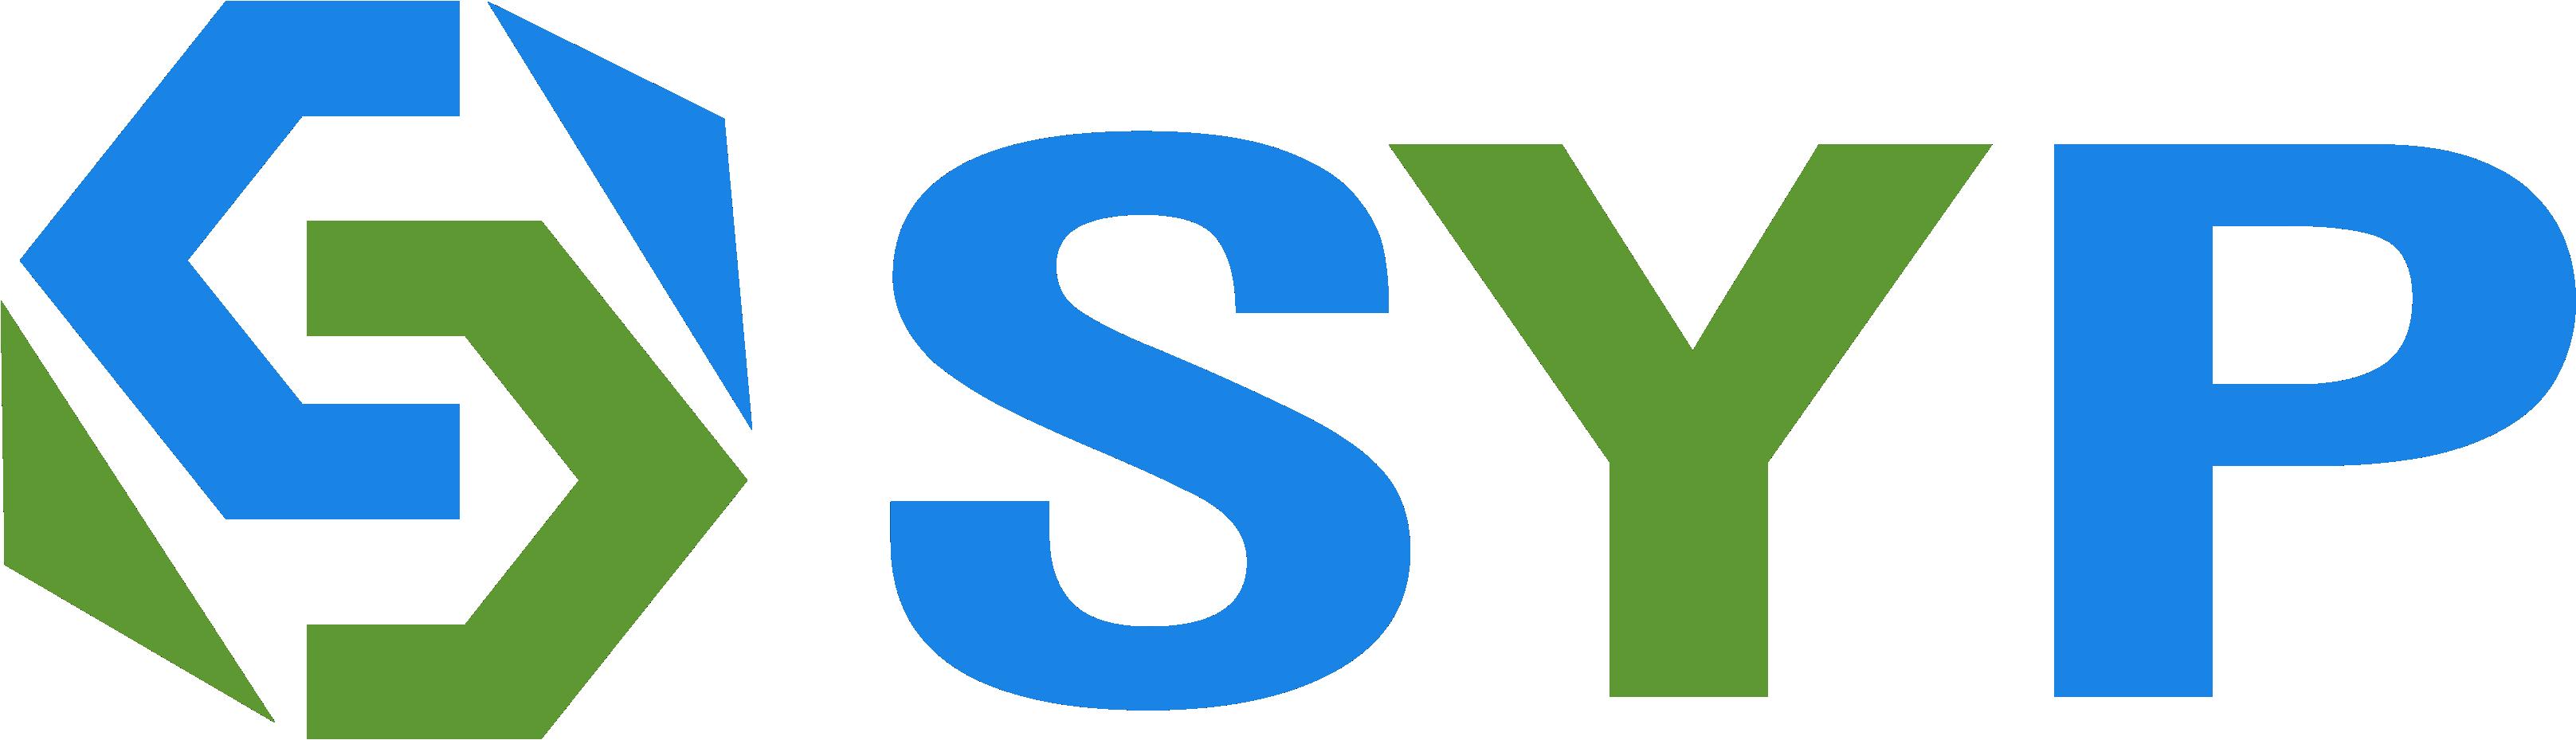 Blog sobre SEO - Posicionamiento web | SYP